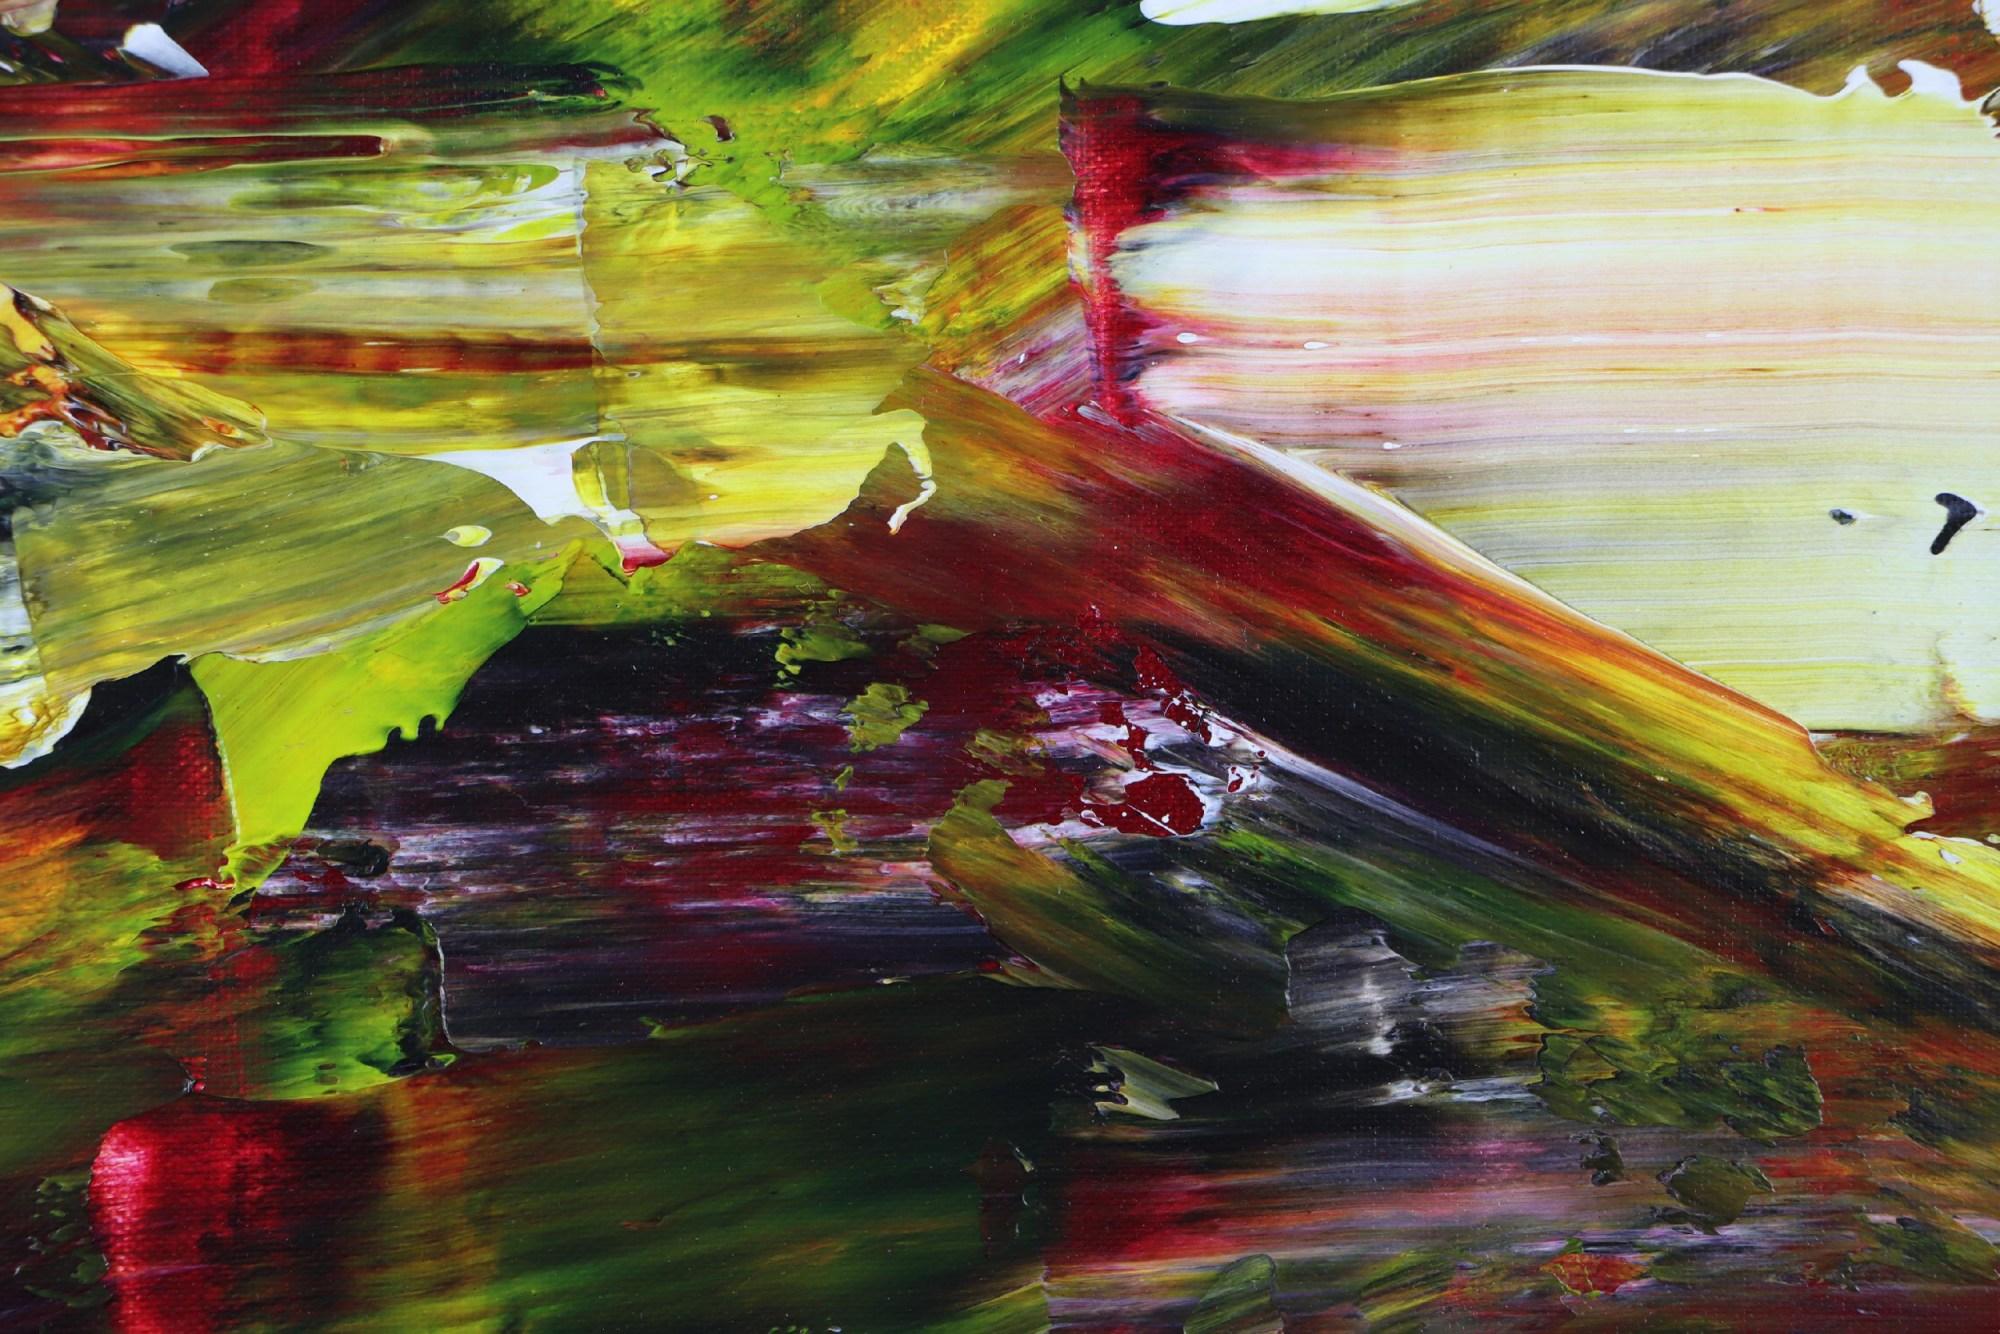 Detail / Moss and Rust (2021) 20x24 in / Artist: Nestor Toro